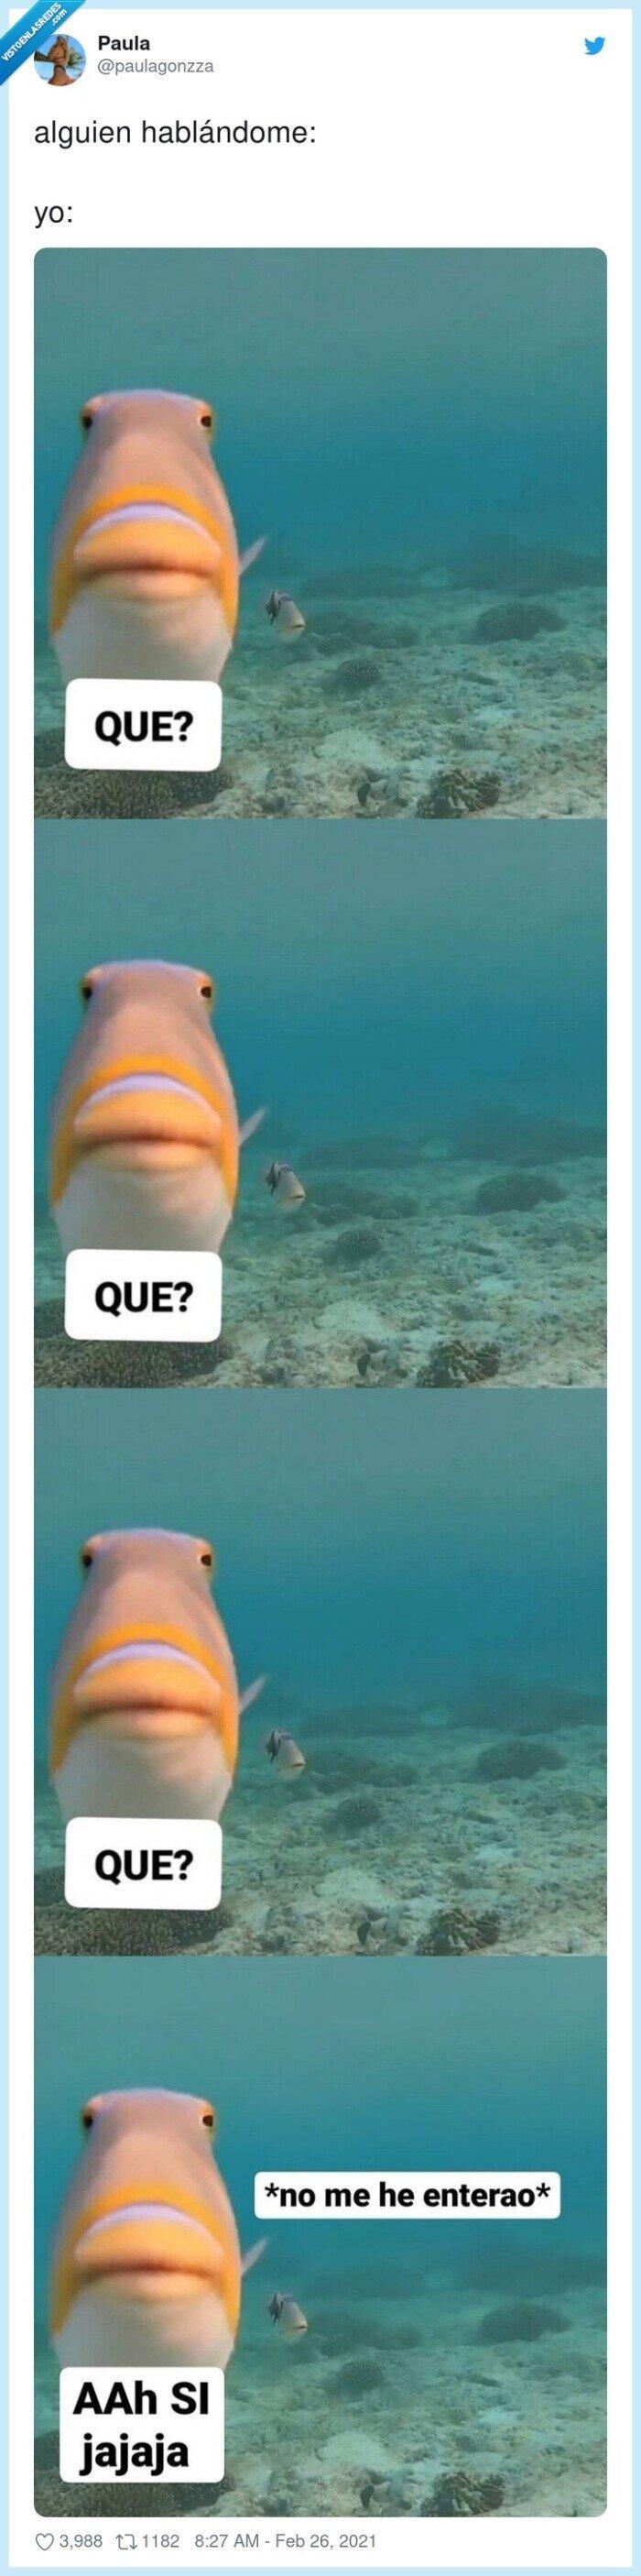 alguien,hablándome,oir,pez,que